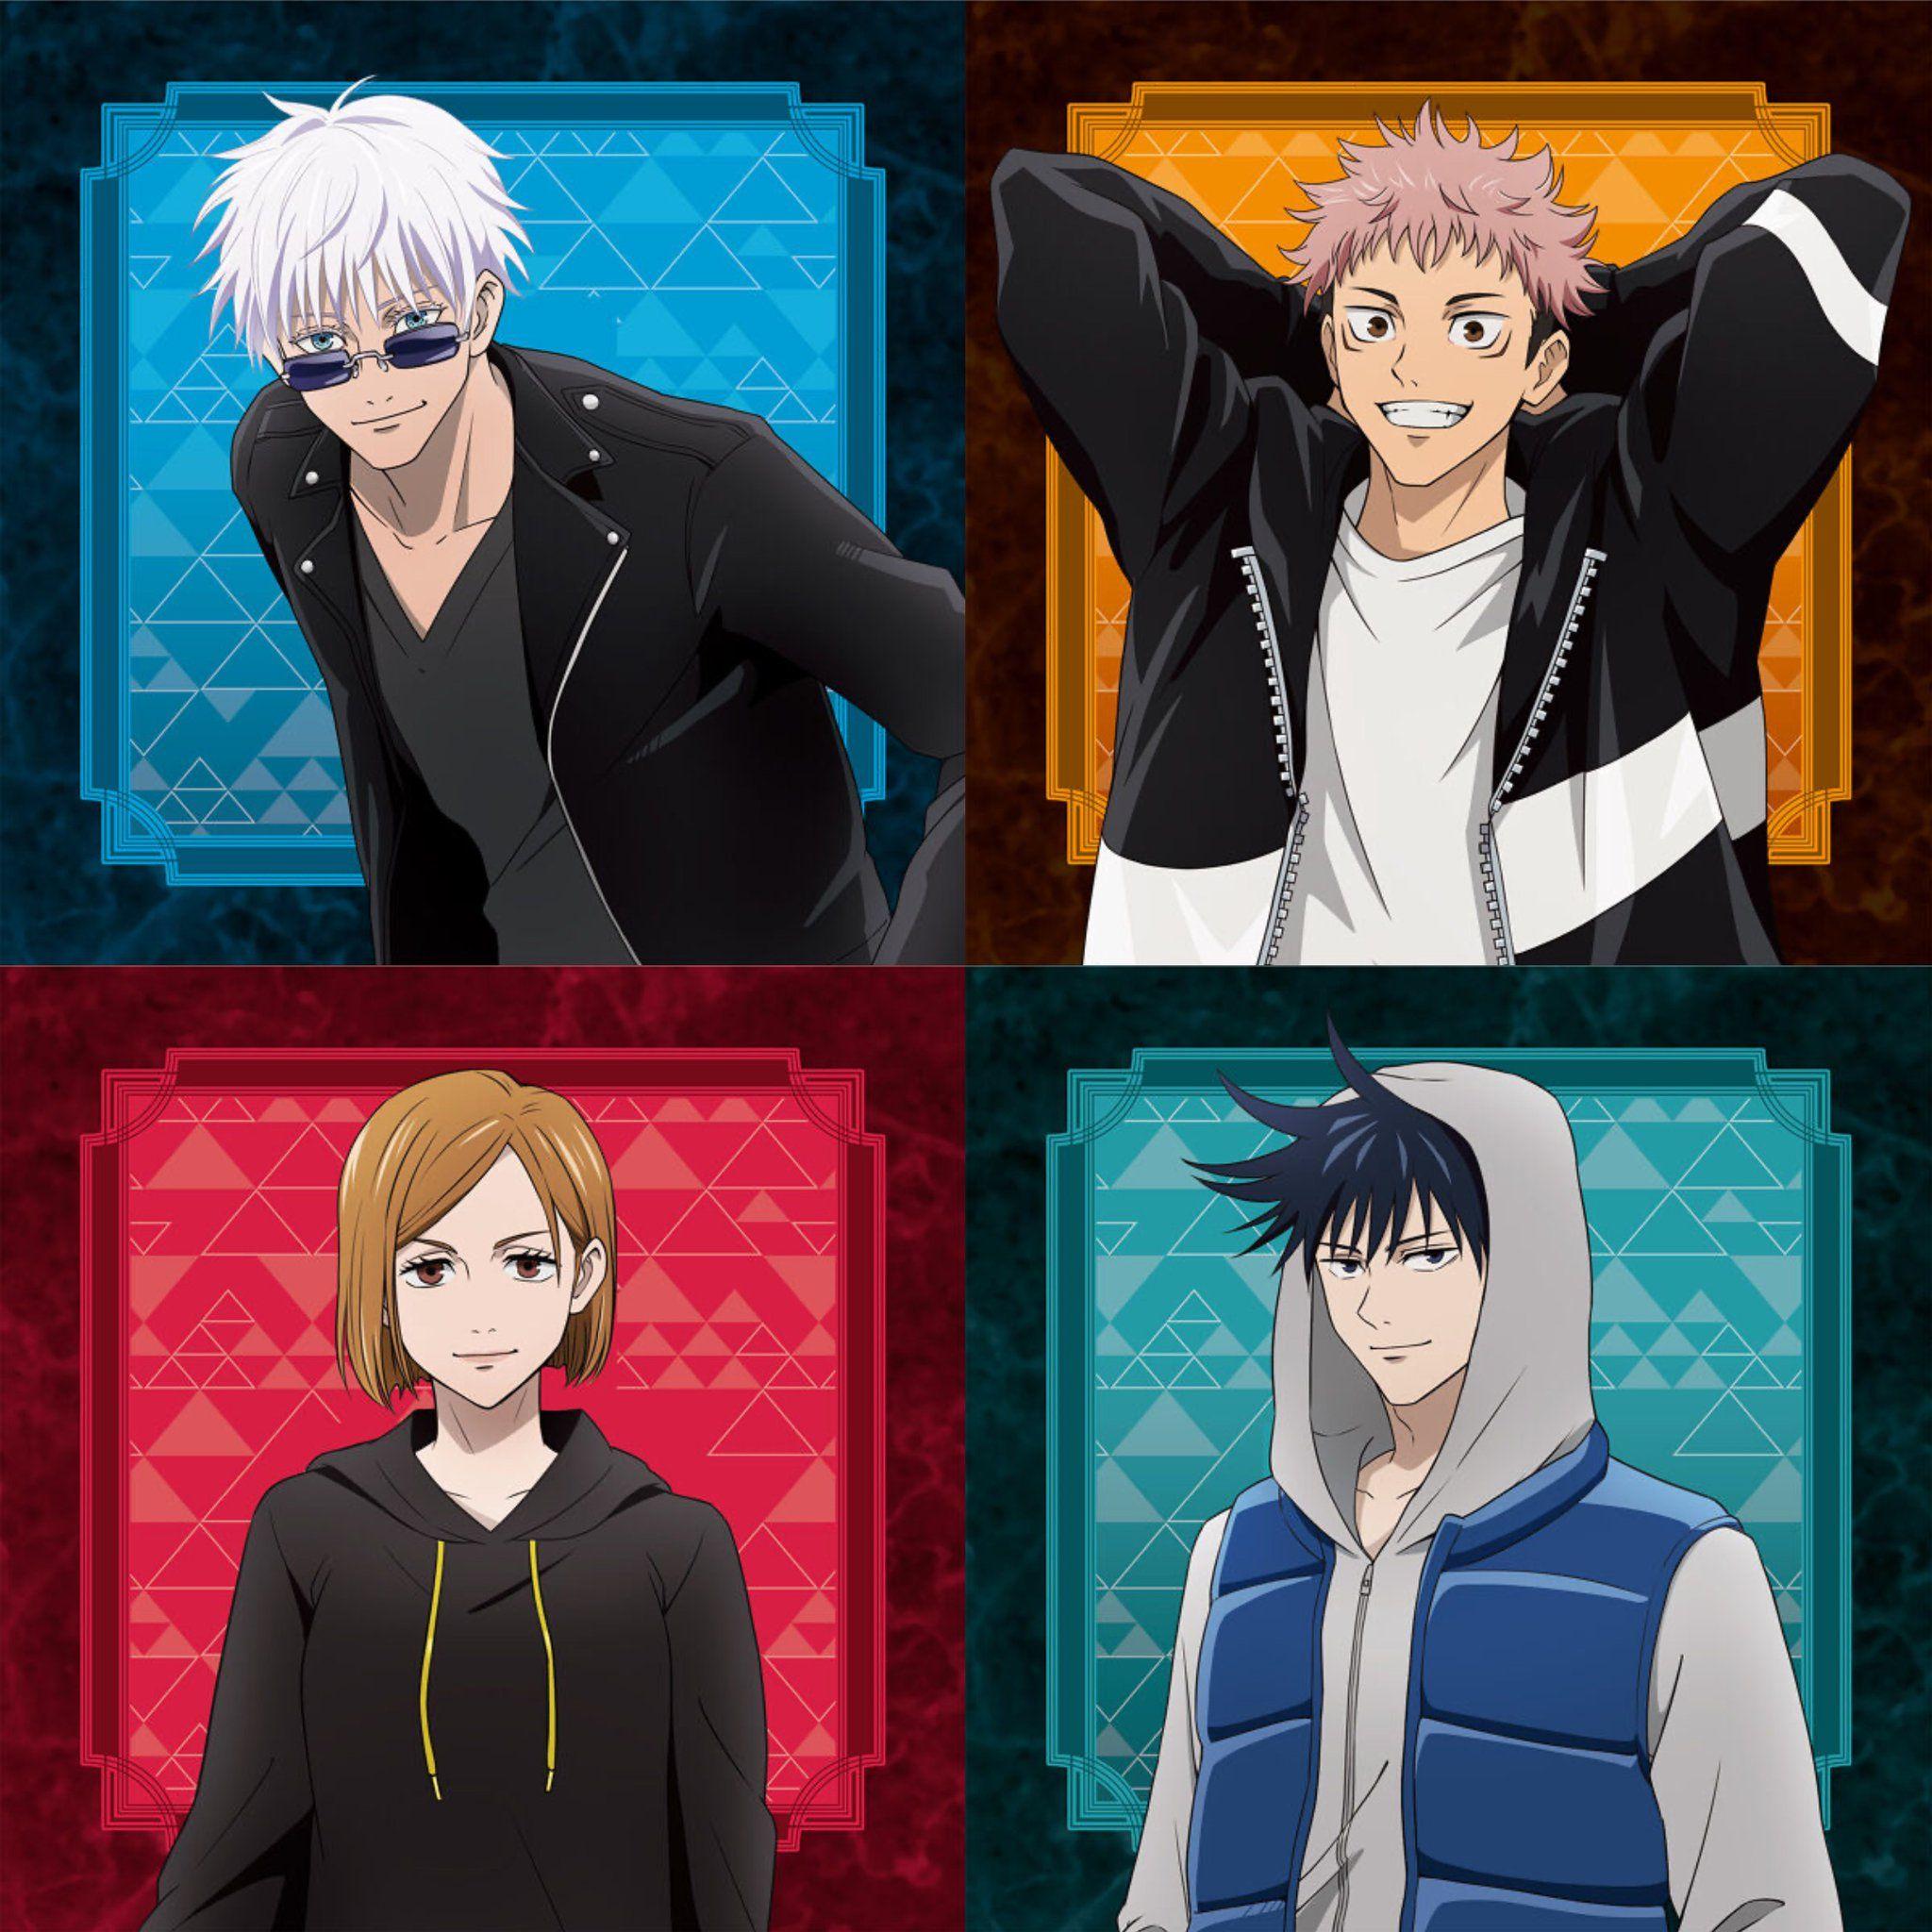 Jujutsu Kaisen On Twitter Anime Jujutsu Anime Guys